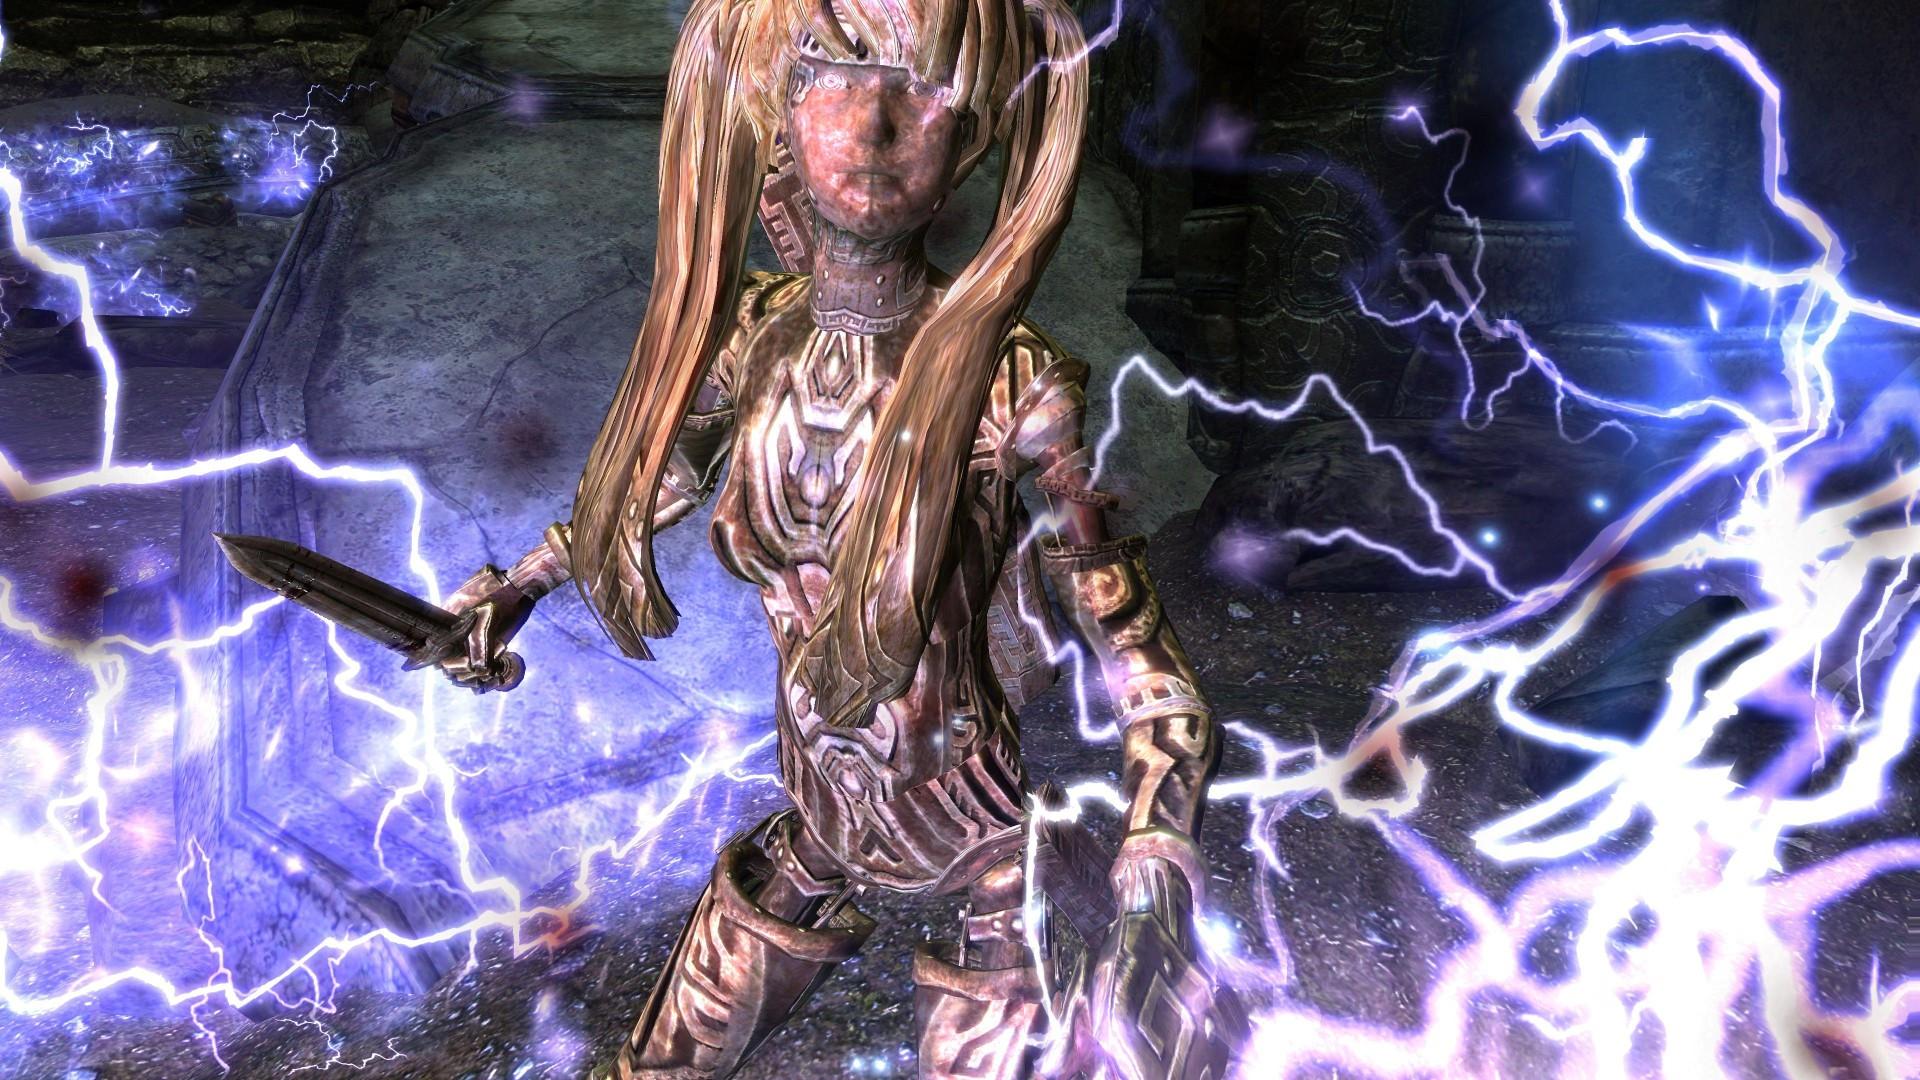 上古卷轴5安琪莉战斗动作MOD,为玩家带来战士相关所有武器类型,可剑盾丶可双持丶可单手丶可双手丶可游弓丶自带两把自制的龙骨剑,让玩家可以自由享受各类武器所带来的战斗体验,并且战斗力相当之高,喜欢的玩家不要....